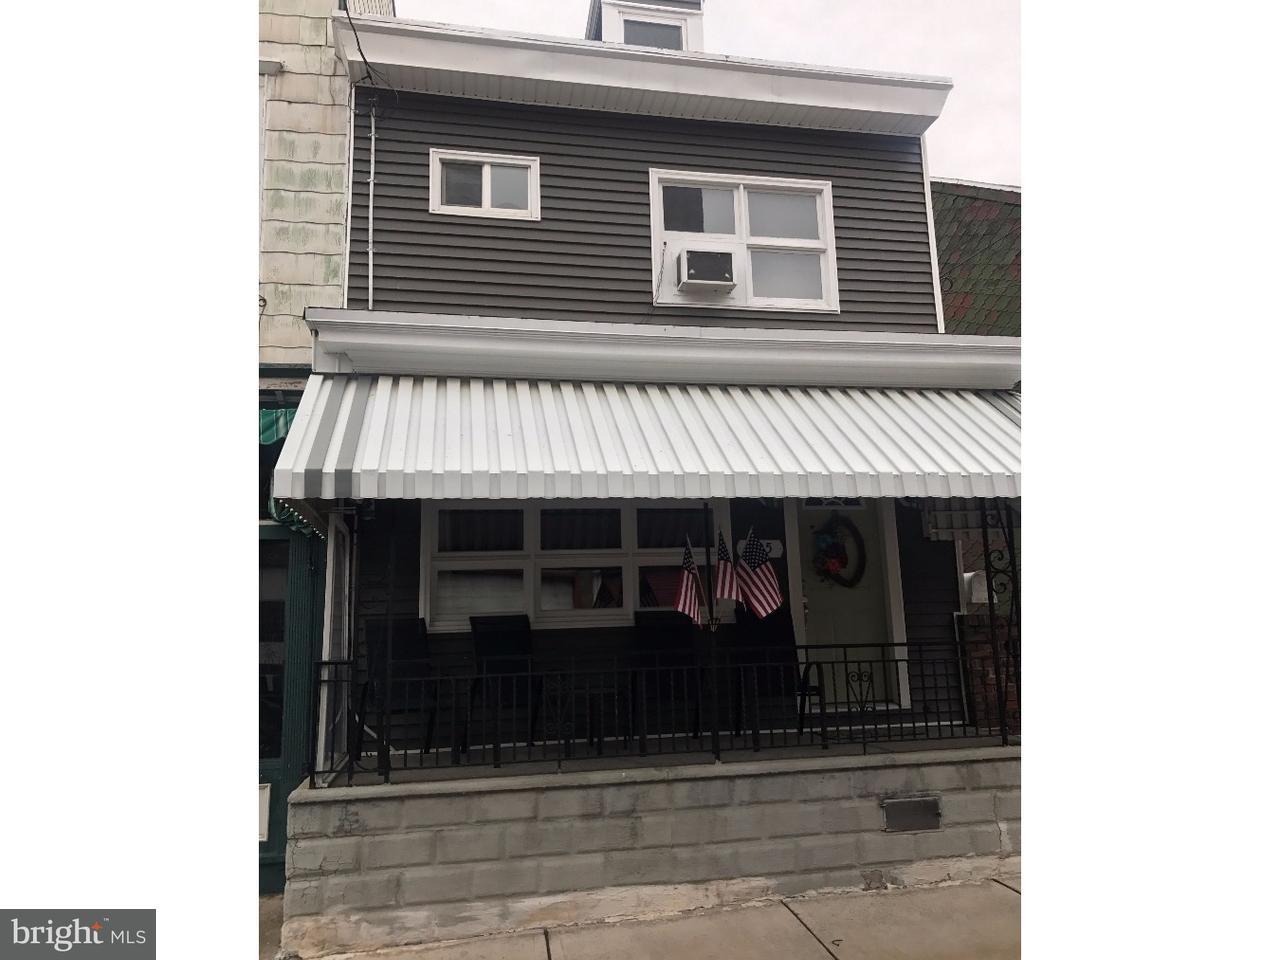 Casa unifamiliar adosada (Townhouse) por un Venta en 305 E PINE Street Mahanoy City, Pennsylvania 17948 Estados Unidos